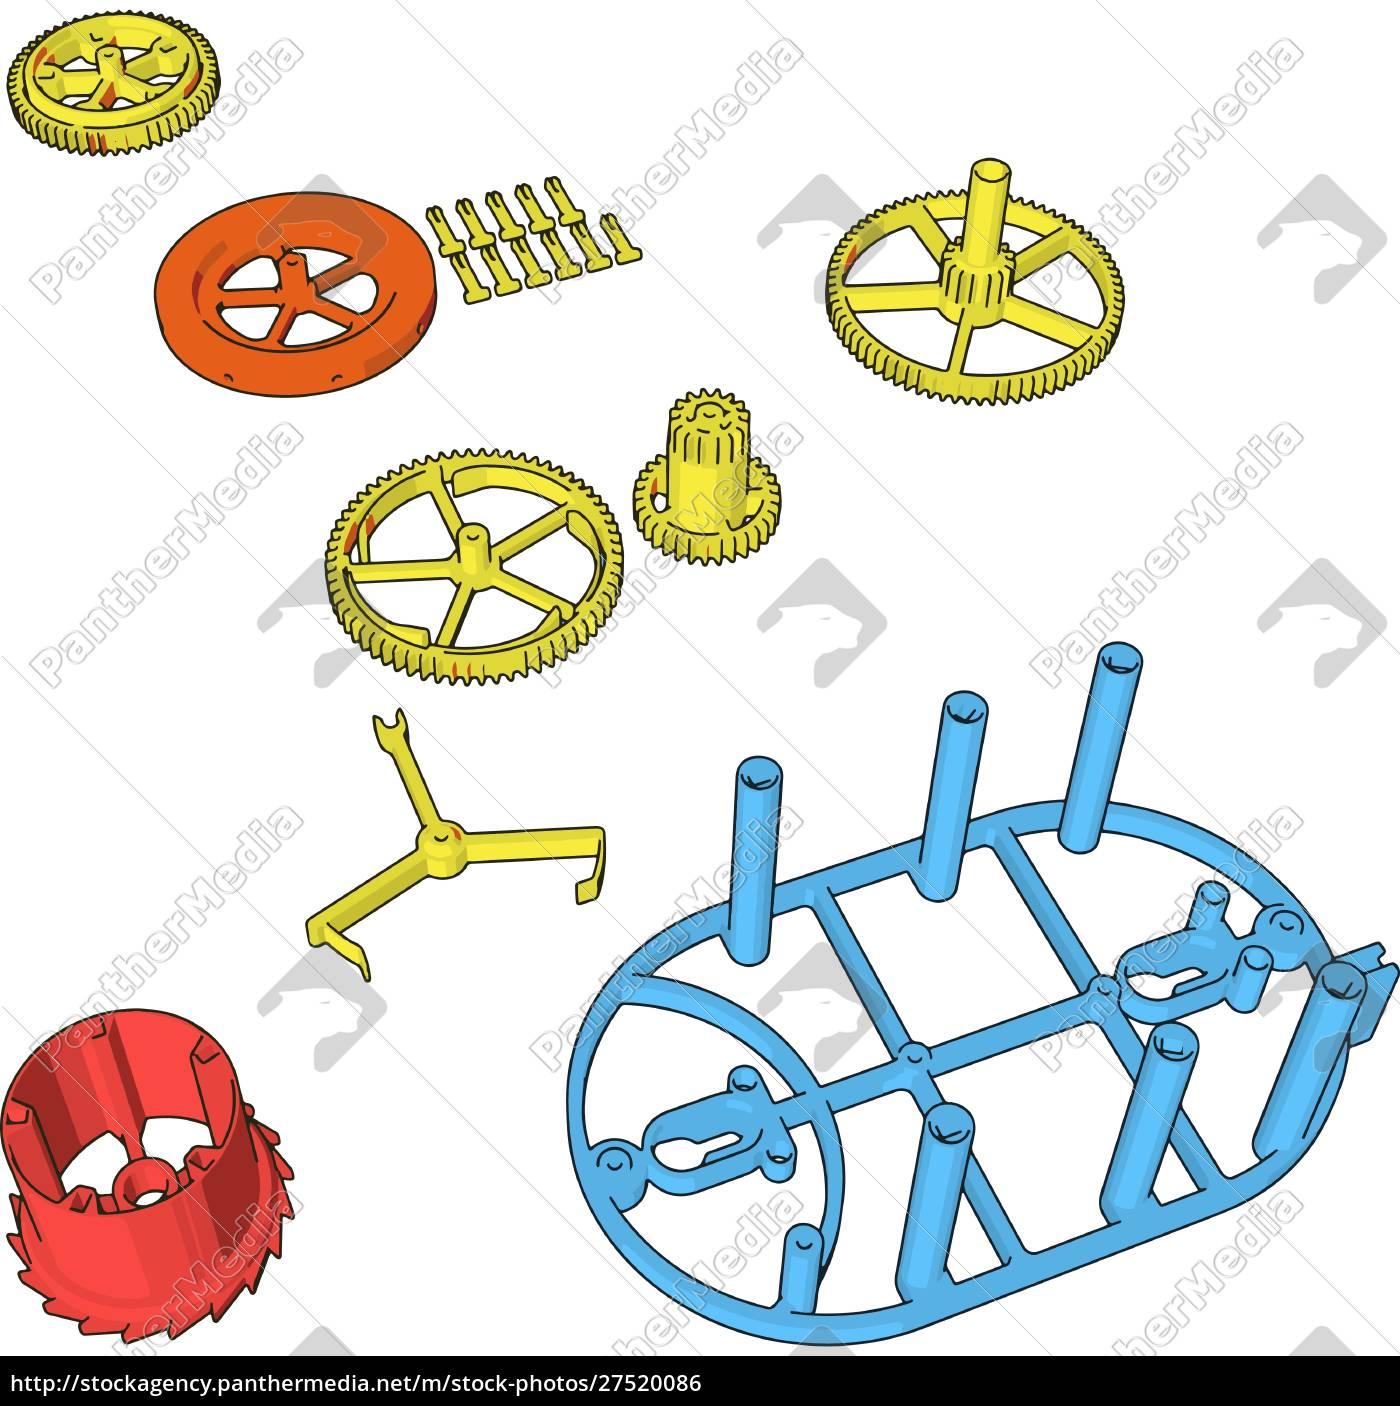 zerlegte, stücke, illustration, vektor, auf, weißem, hintergrund., illustration, vektor, auf - 27520086